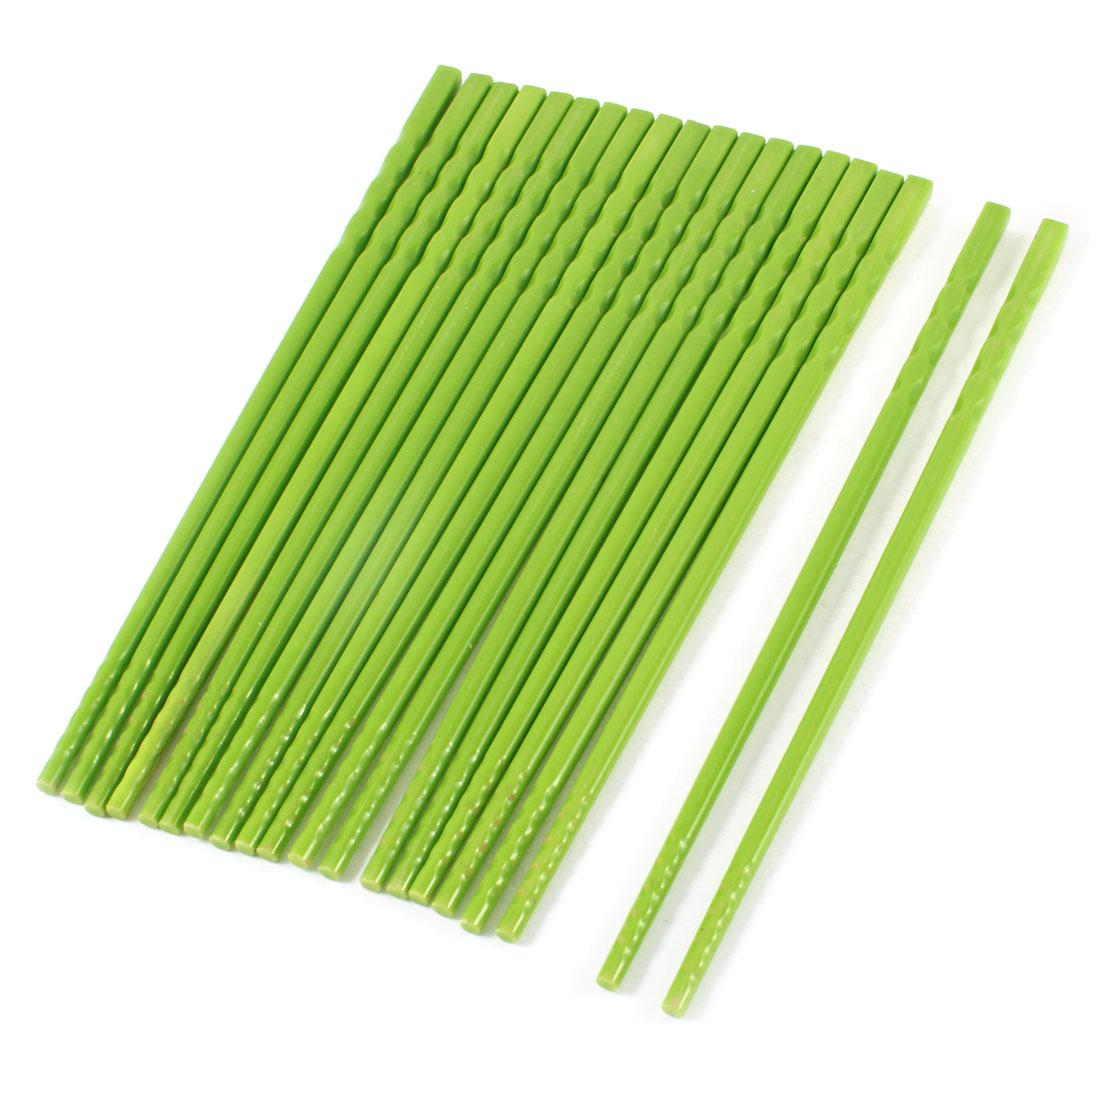 10 Pairs Green Detachable Durable Plastic Chopsticks 22.5cm Long